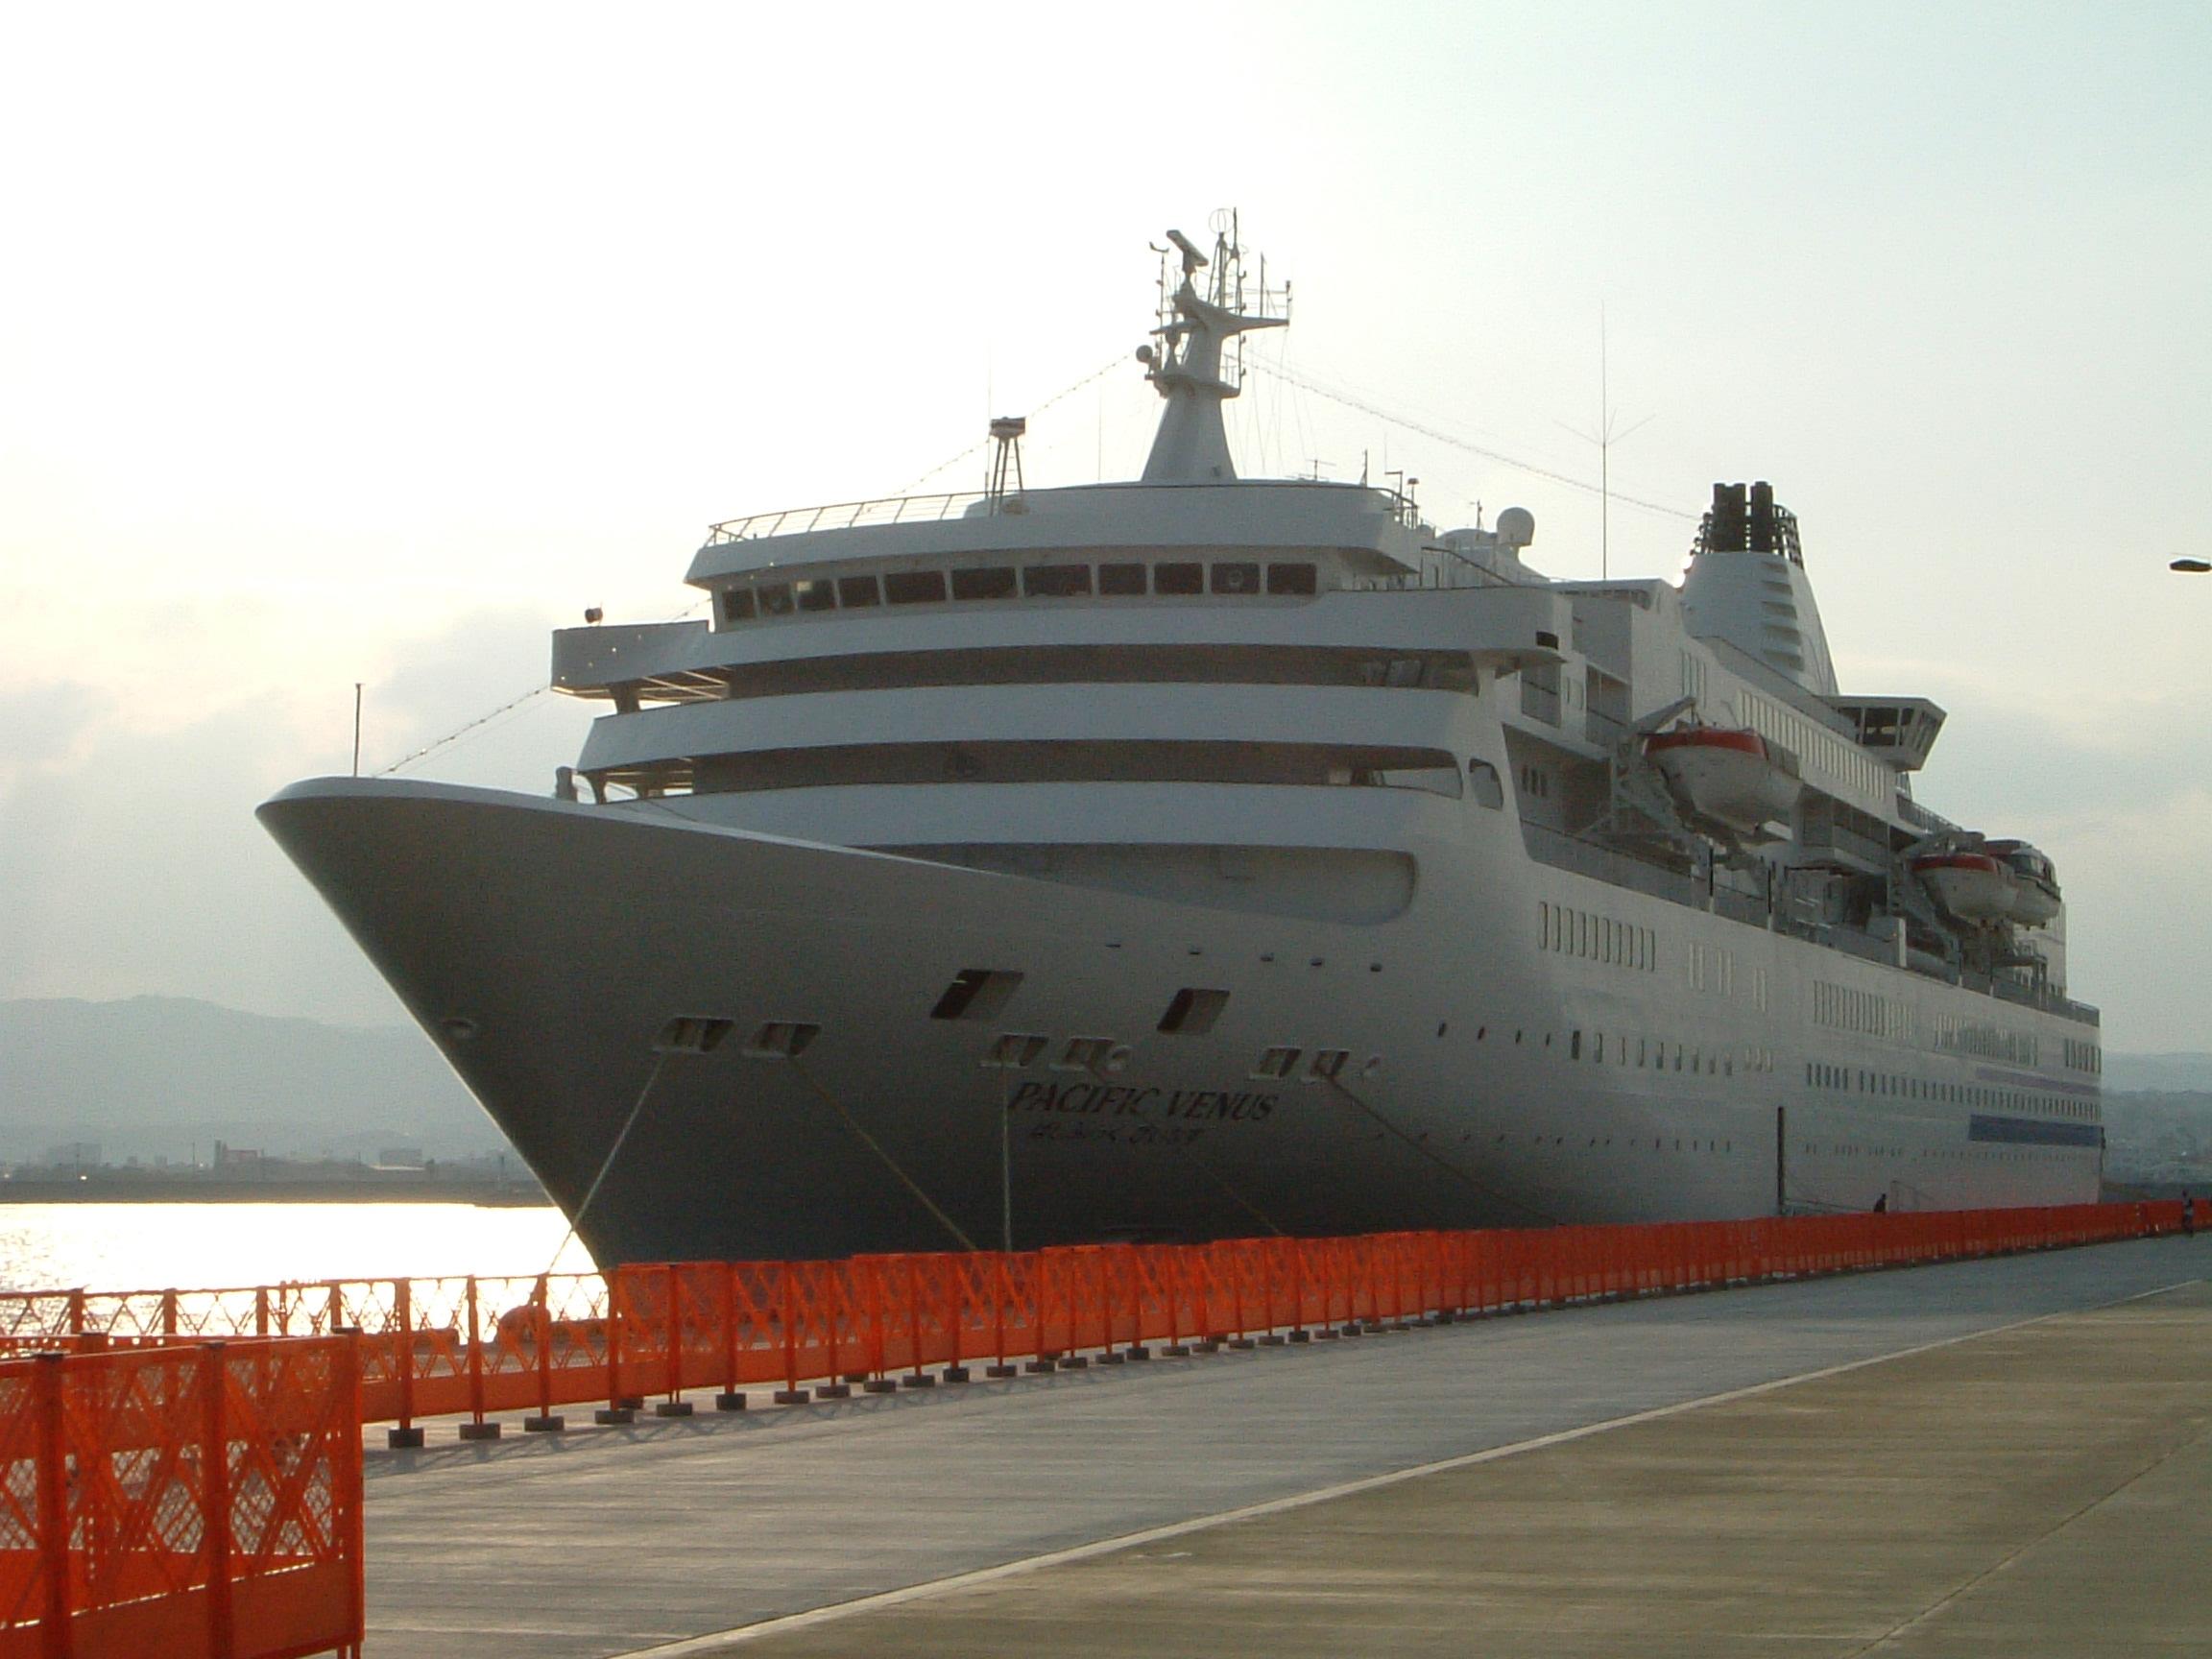 船の画像をアップするスレッドYouTube動画>1本 ->画像>1397枚